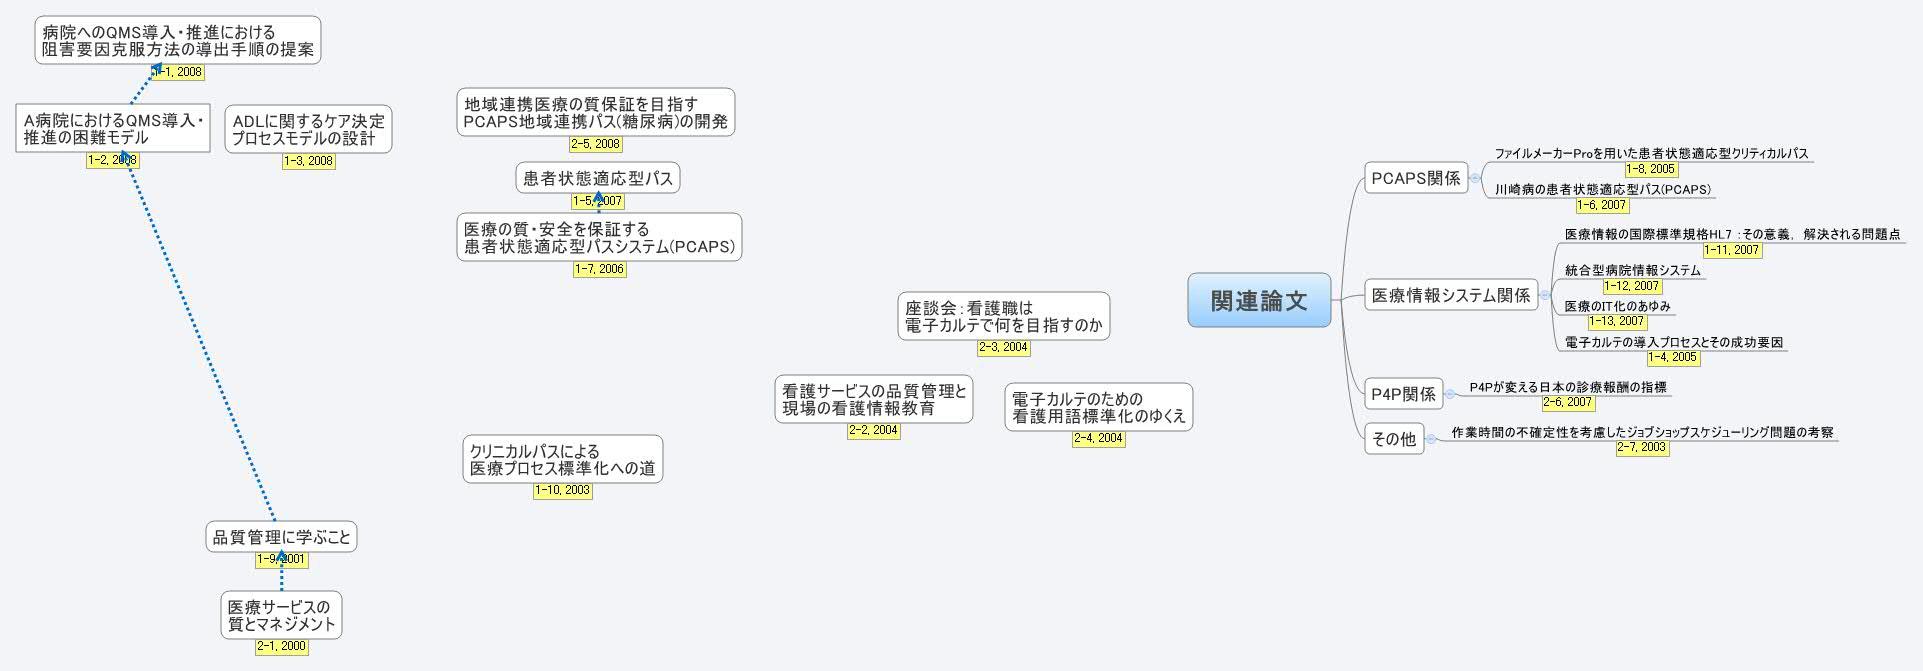 最新看護索引 Web :『日本看護学会論文集』の閲覧方法